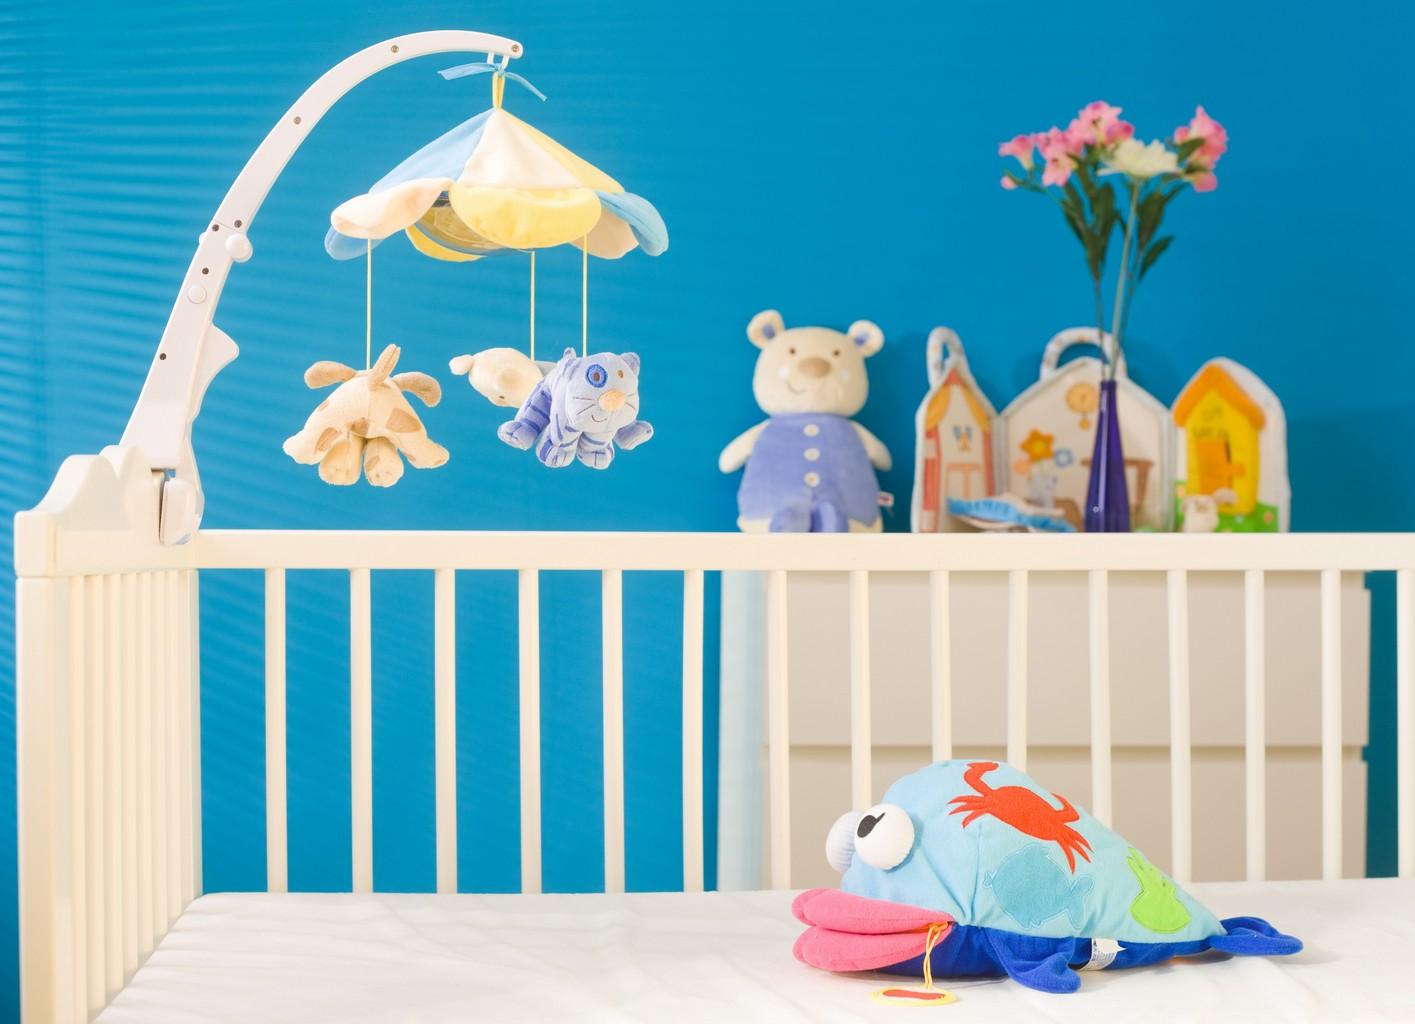 D coration de chambre de b b r aliser une jolie chambre pour b b for Les accessoire chambre bebe oran